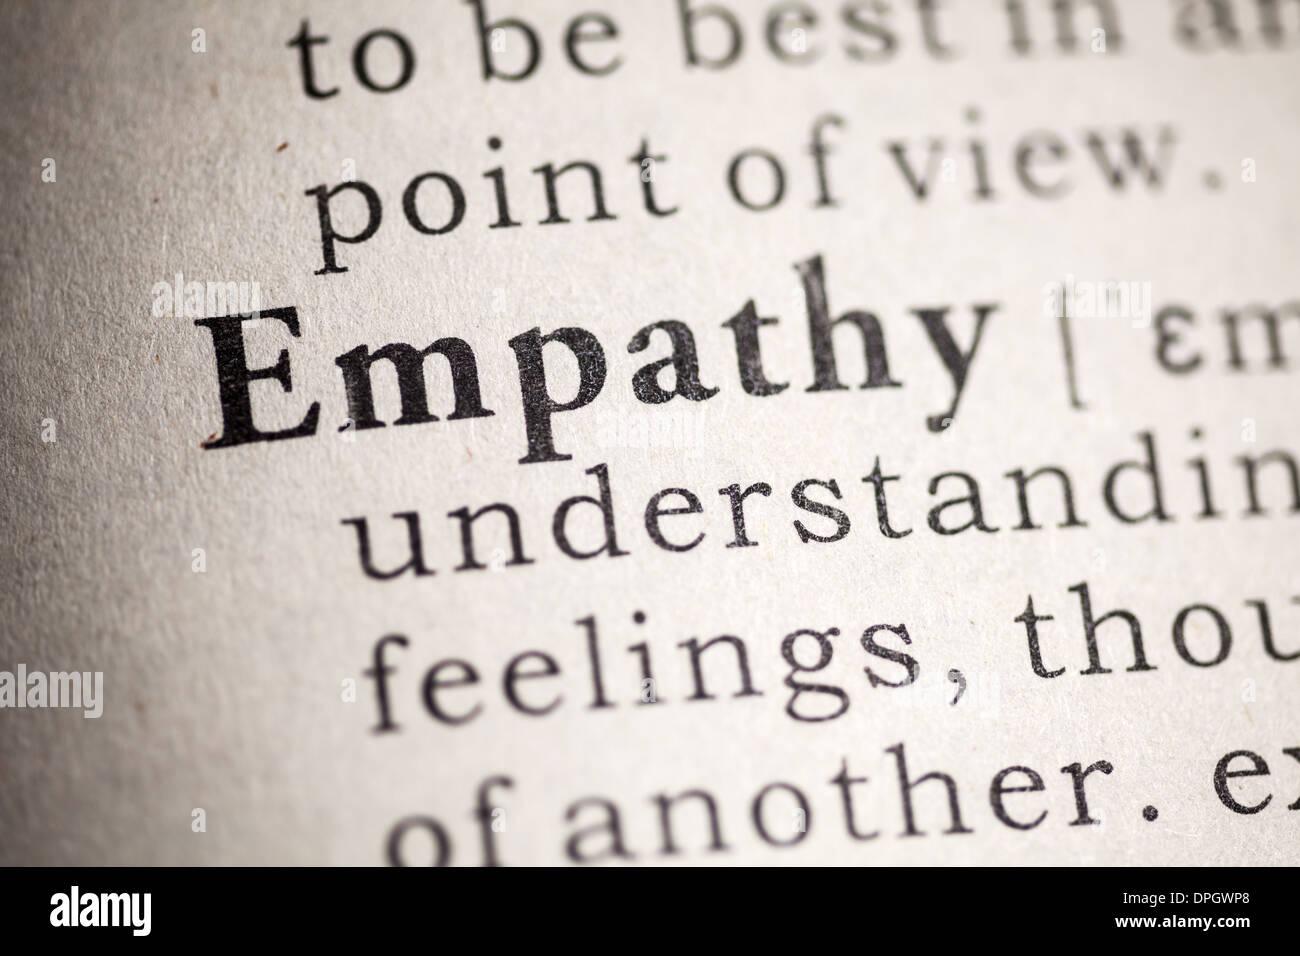 Fake Dizionario, definizione del dizionario di empatia. Immagini Stock